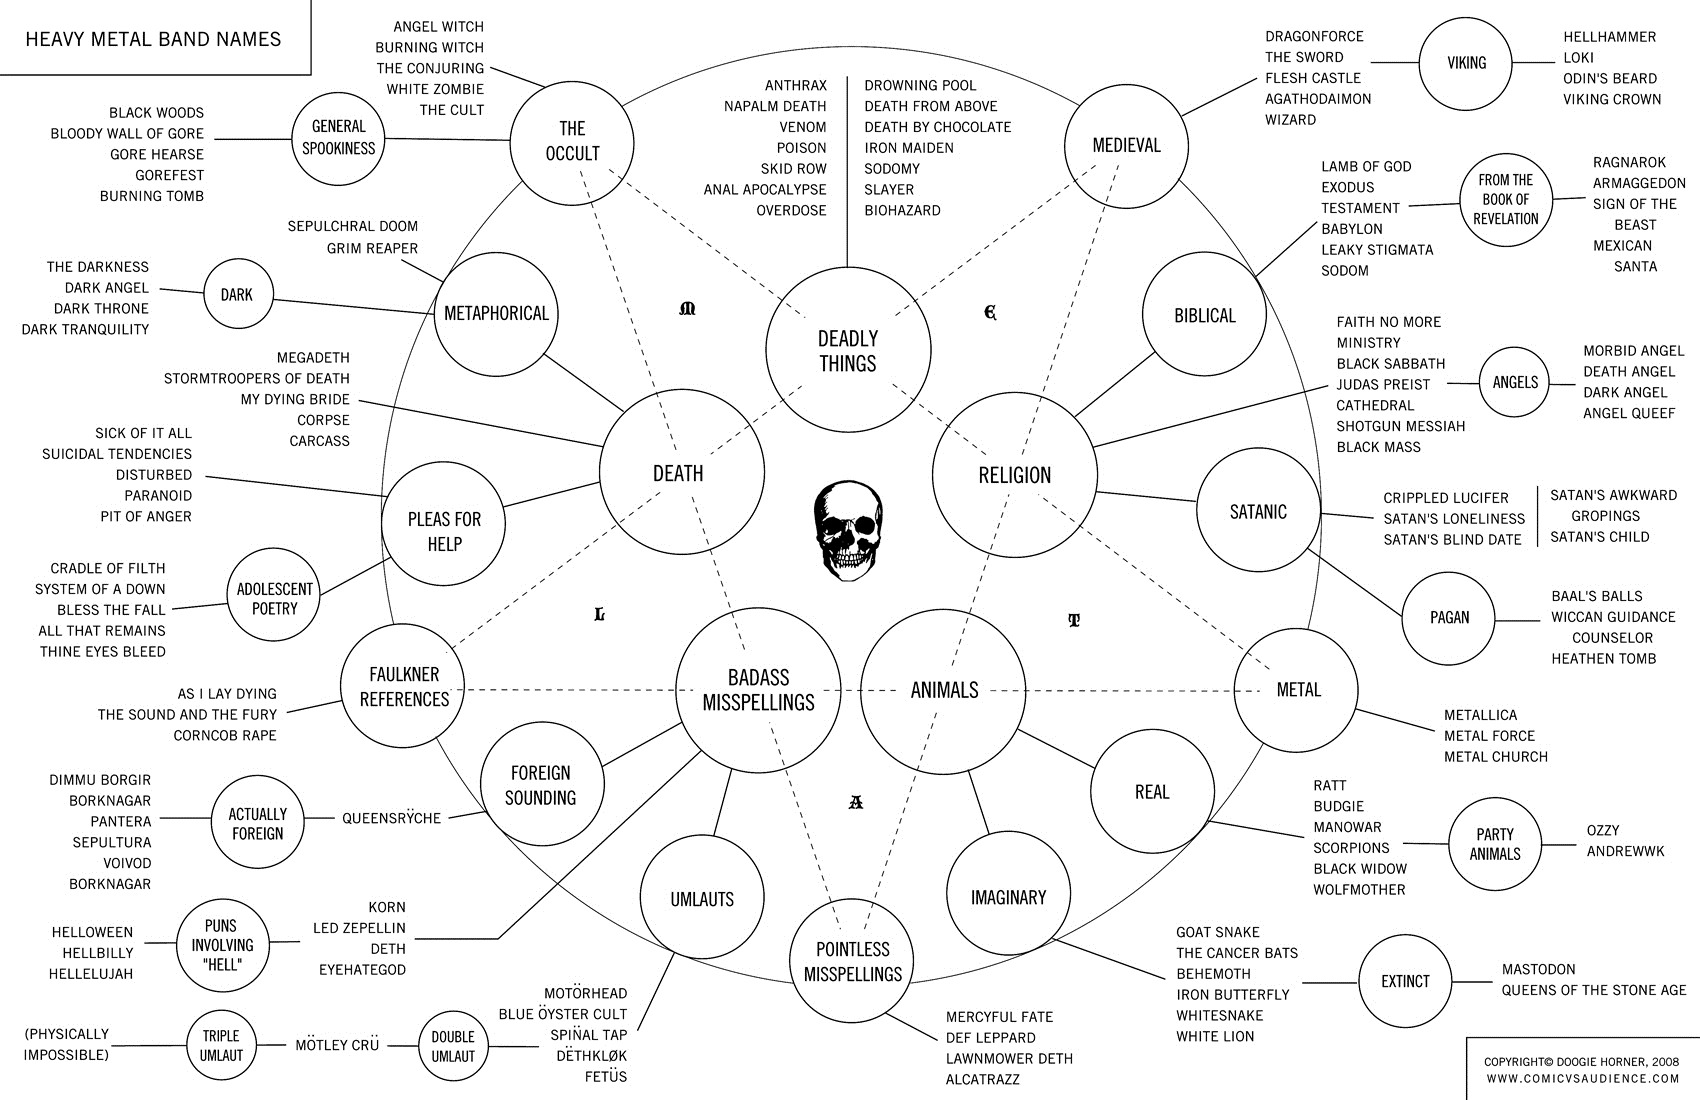 heavy-metal-band-name-chart.jpg